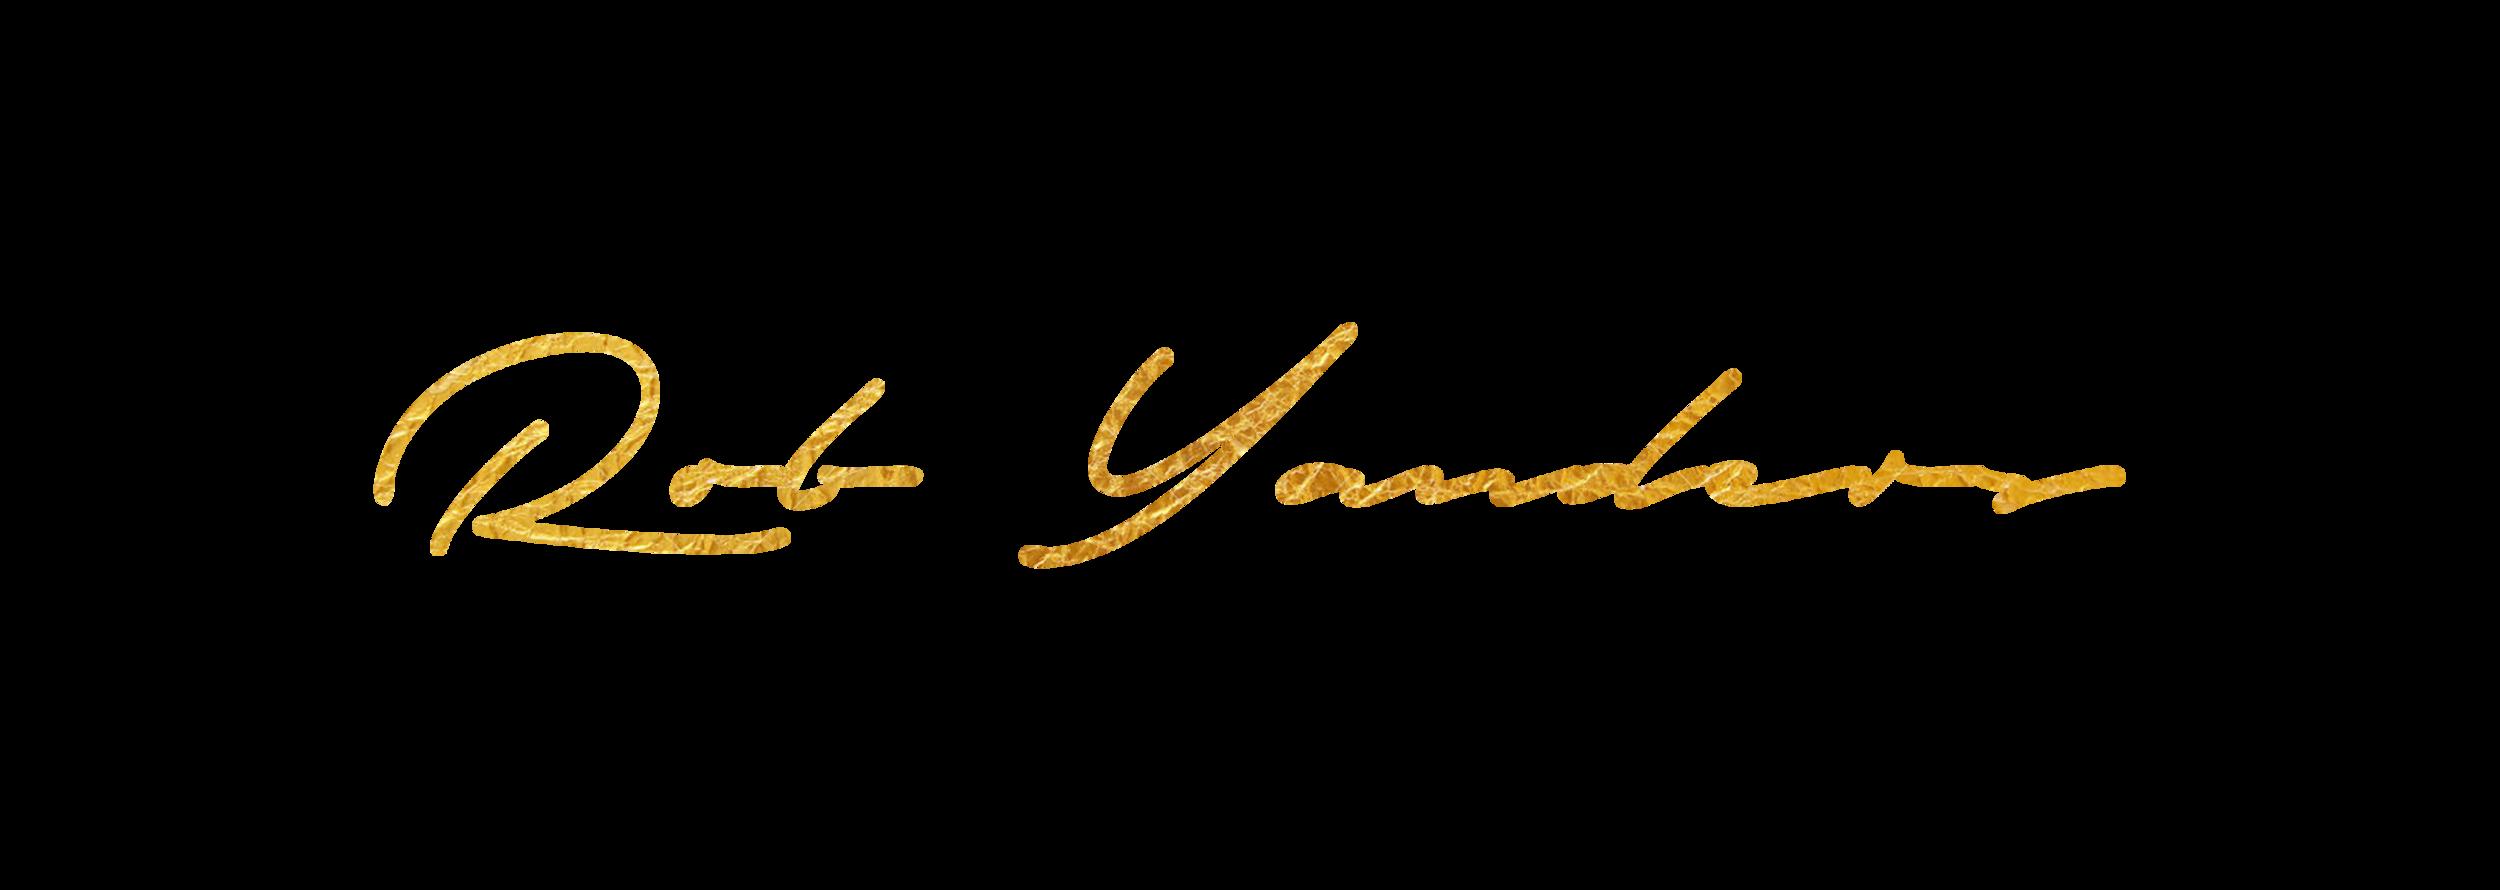 Robert Yanders signature.png